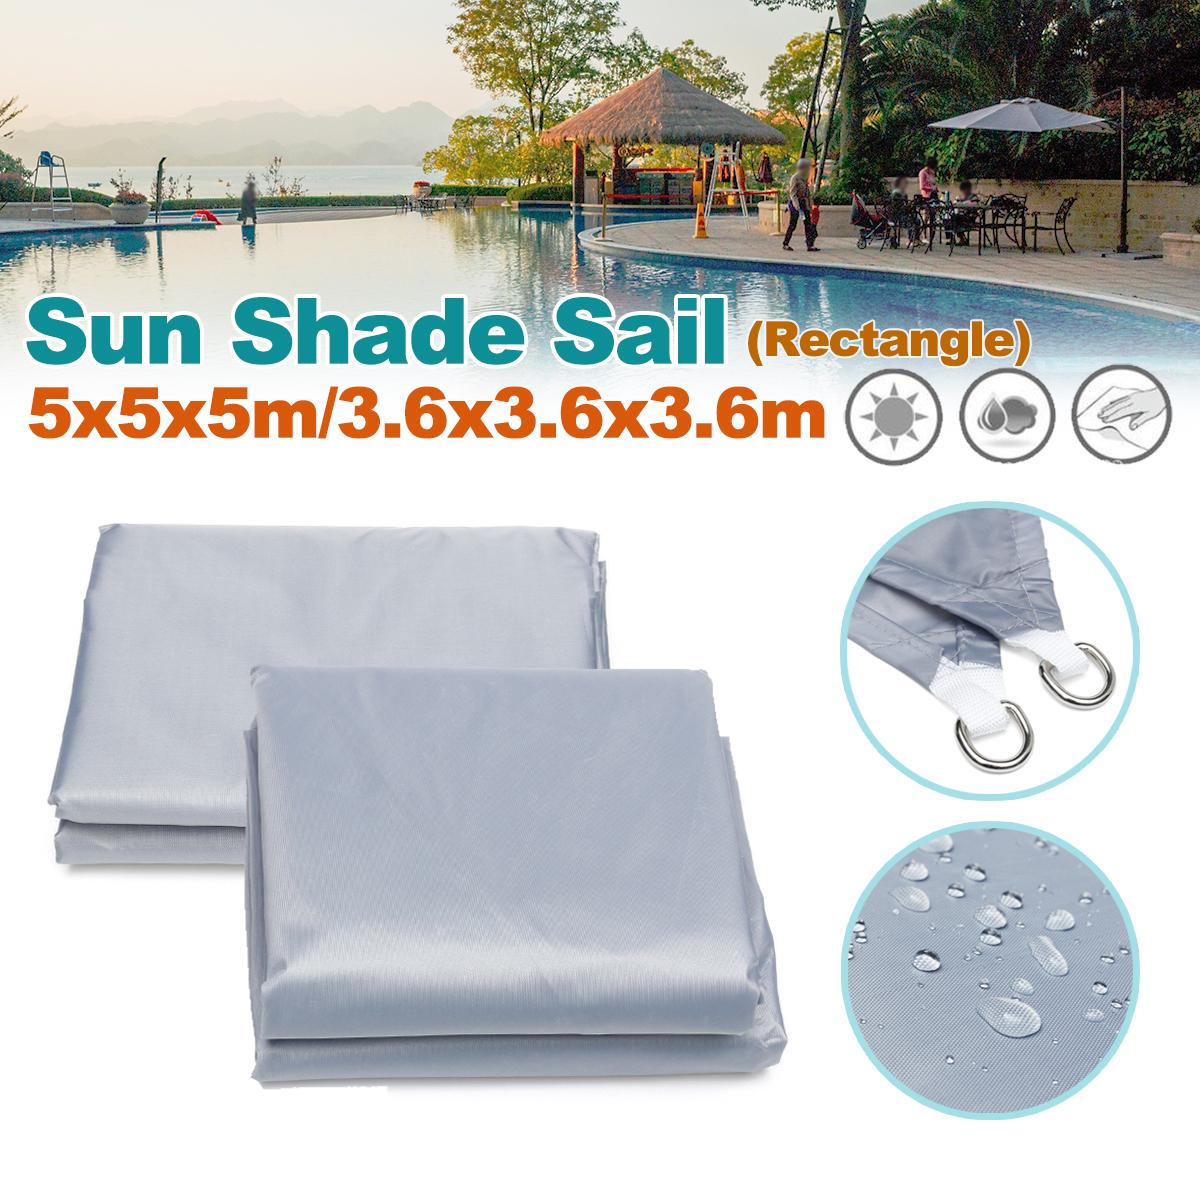 [해외]3.6 m / 5 m 삼각형 방수 태양 방패 모양 천막 커버 모자 옥외 정원/3.6m/5m Triangle Waterproof Sun Shield Shape Awning Cover Cap Outdoor Garden